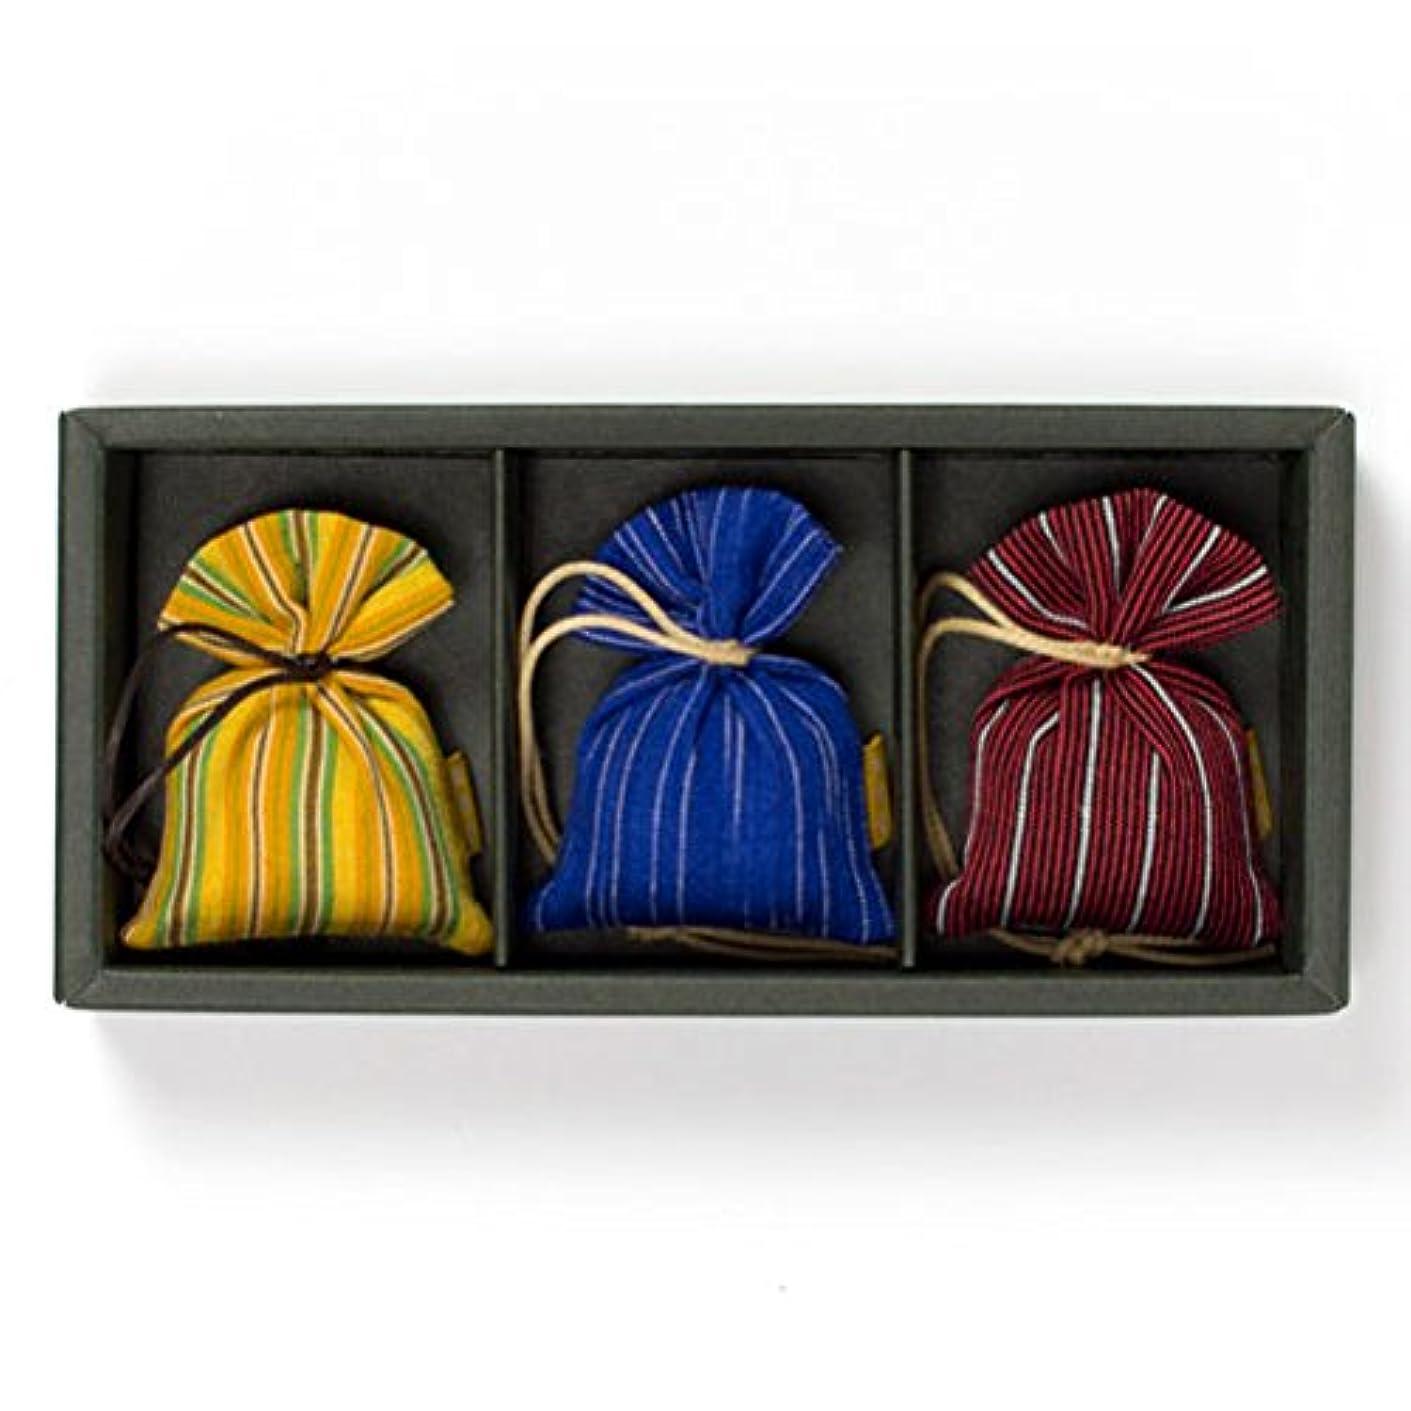 売り手驚くべきギャザー匂い袋 誰が袖 ルリック(縞) 3個入 松栄堂 Shoyeido 本体長さ60mm (色?柄は選べません)